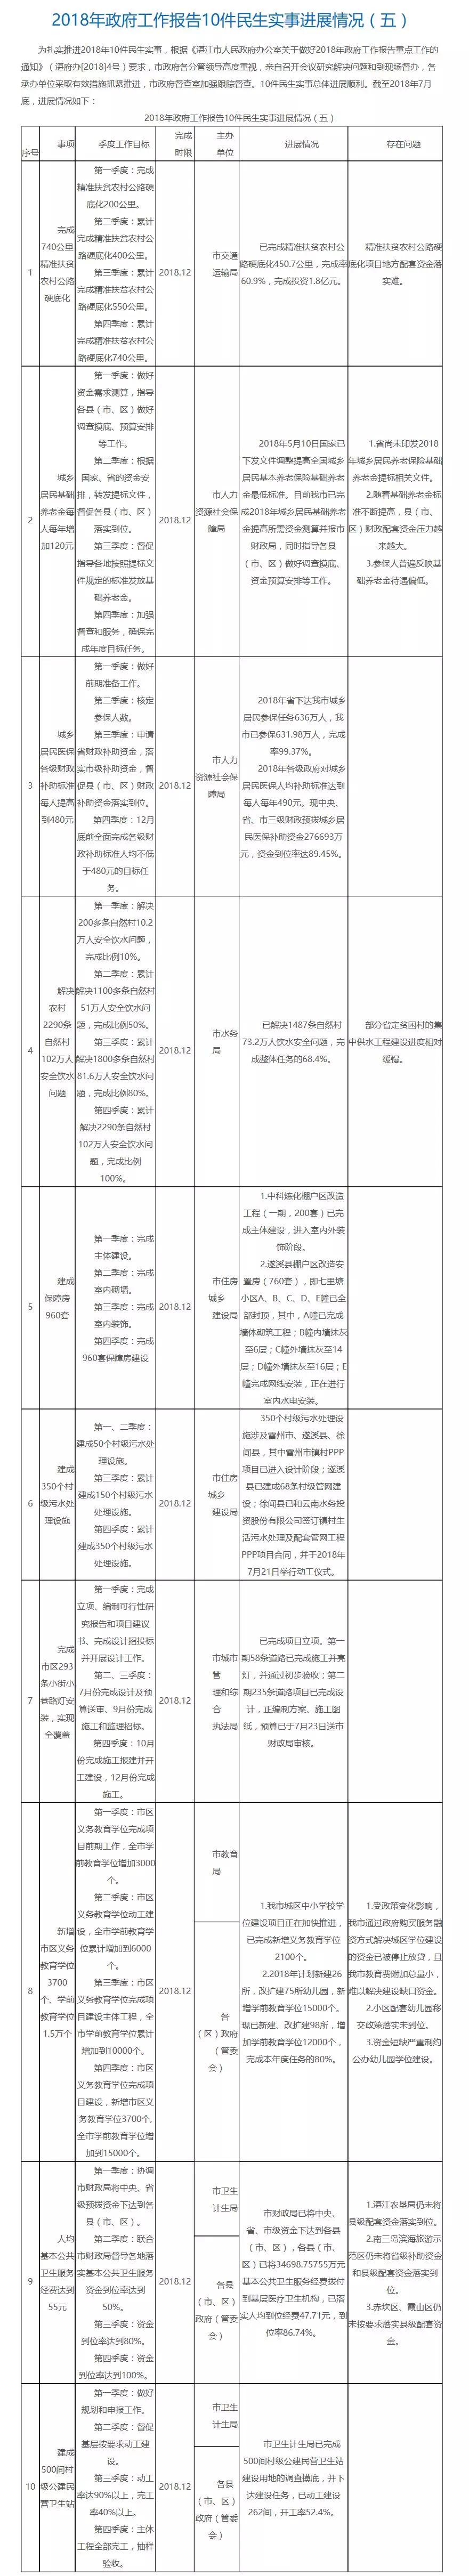 2018年湛江10件民生实事进展情况